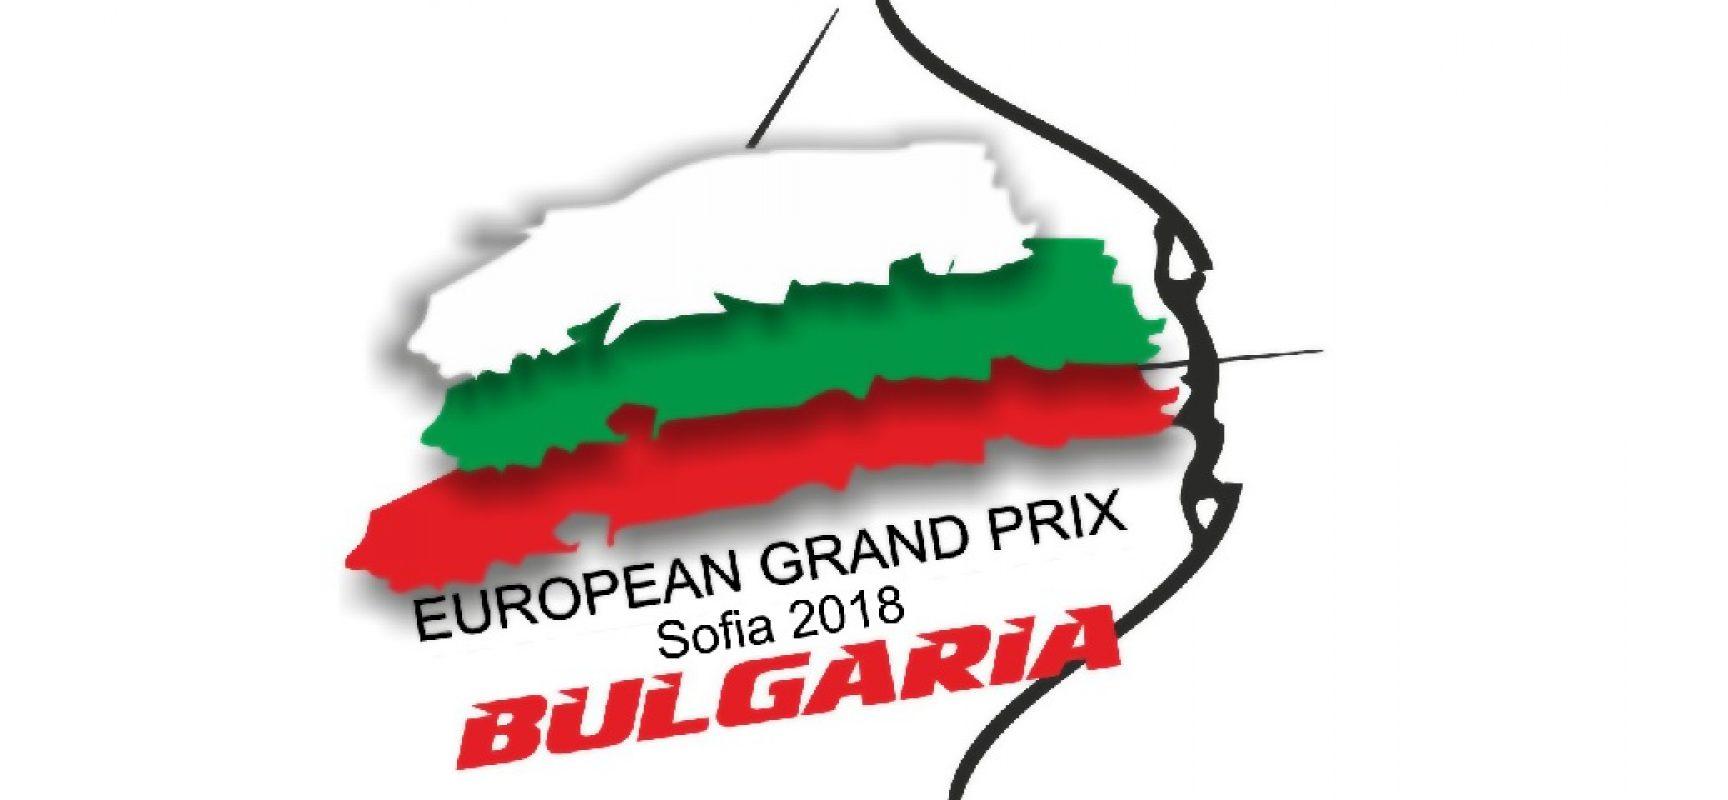 Ενημέρωση για σύνθεση αποστολής στο EGP SOFIA 2018